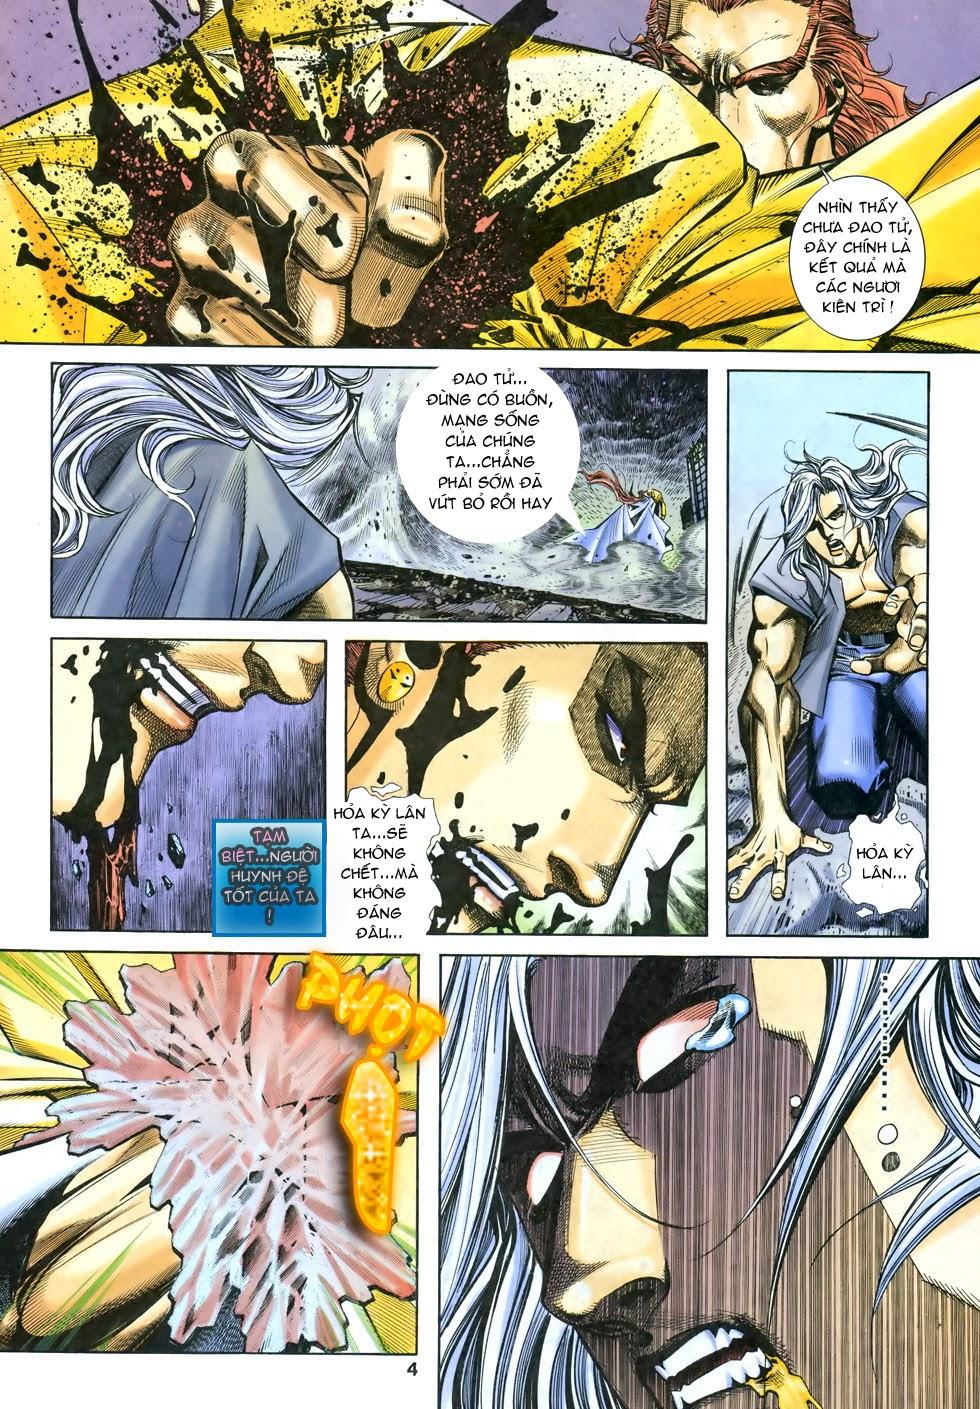 X Bạo Tộc chap 68 - Trang 5